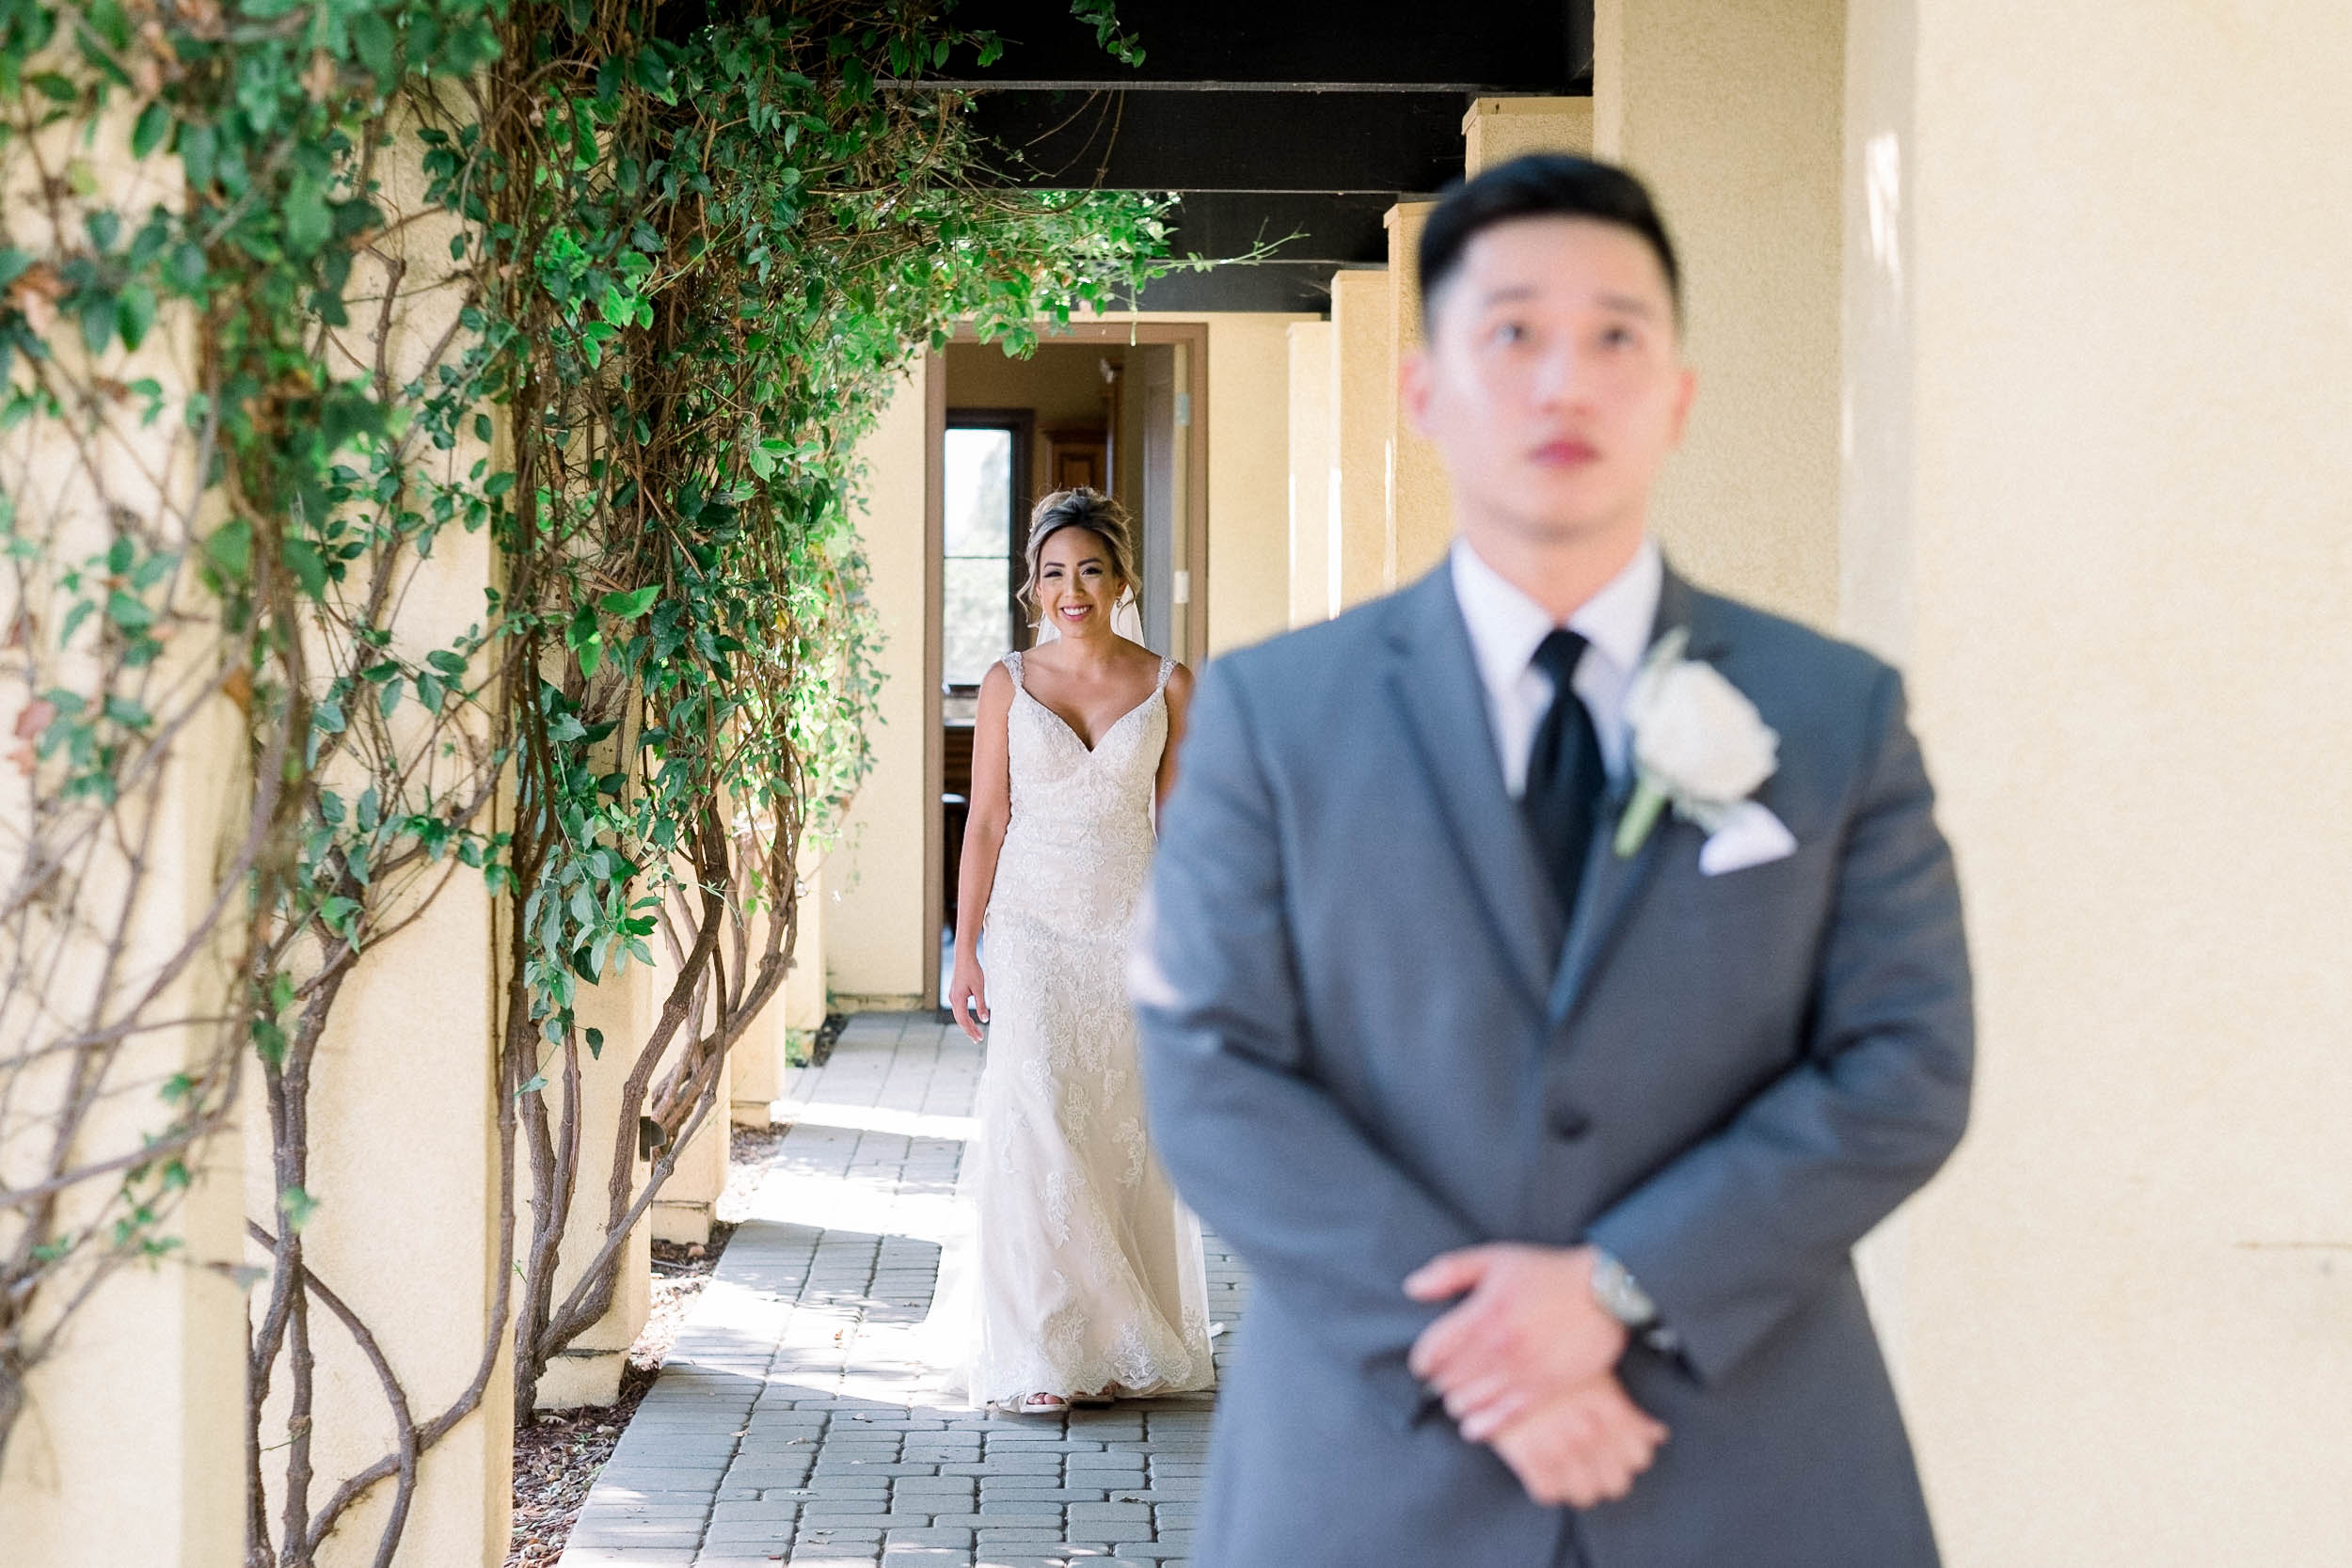 Las Positas Wedding_Buena Lane Photography_090118CY55 copy.jpg